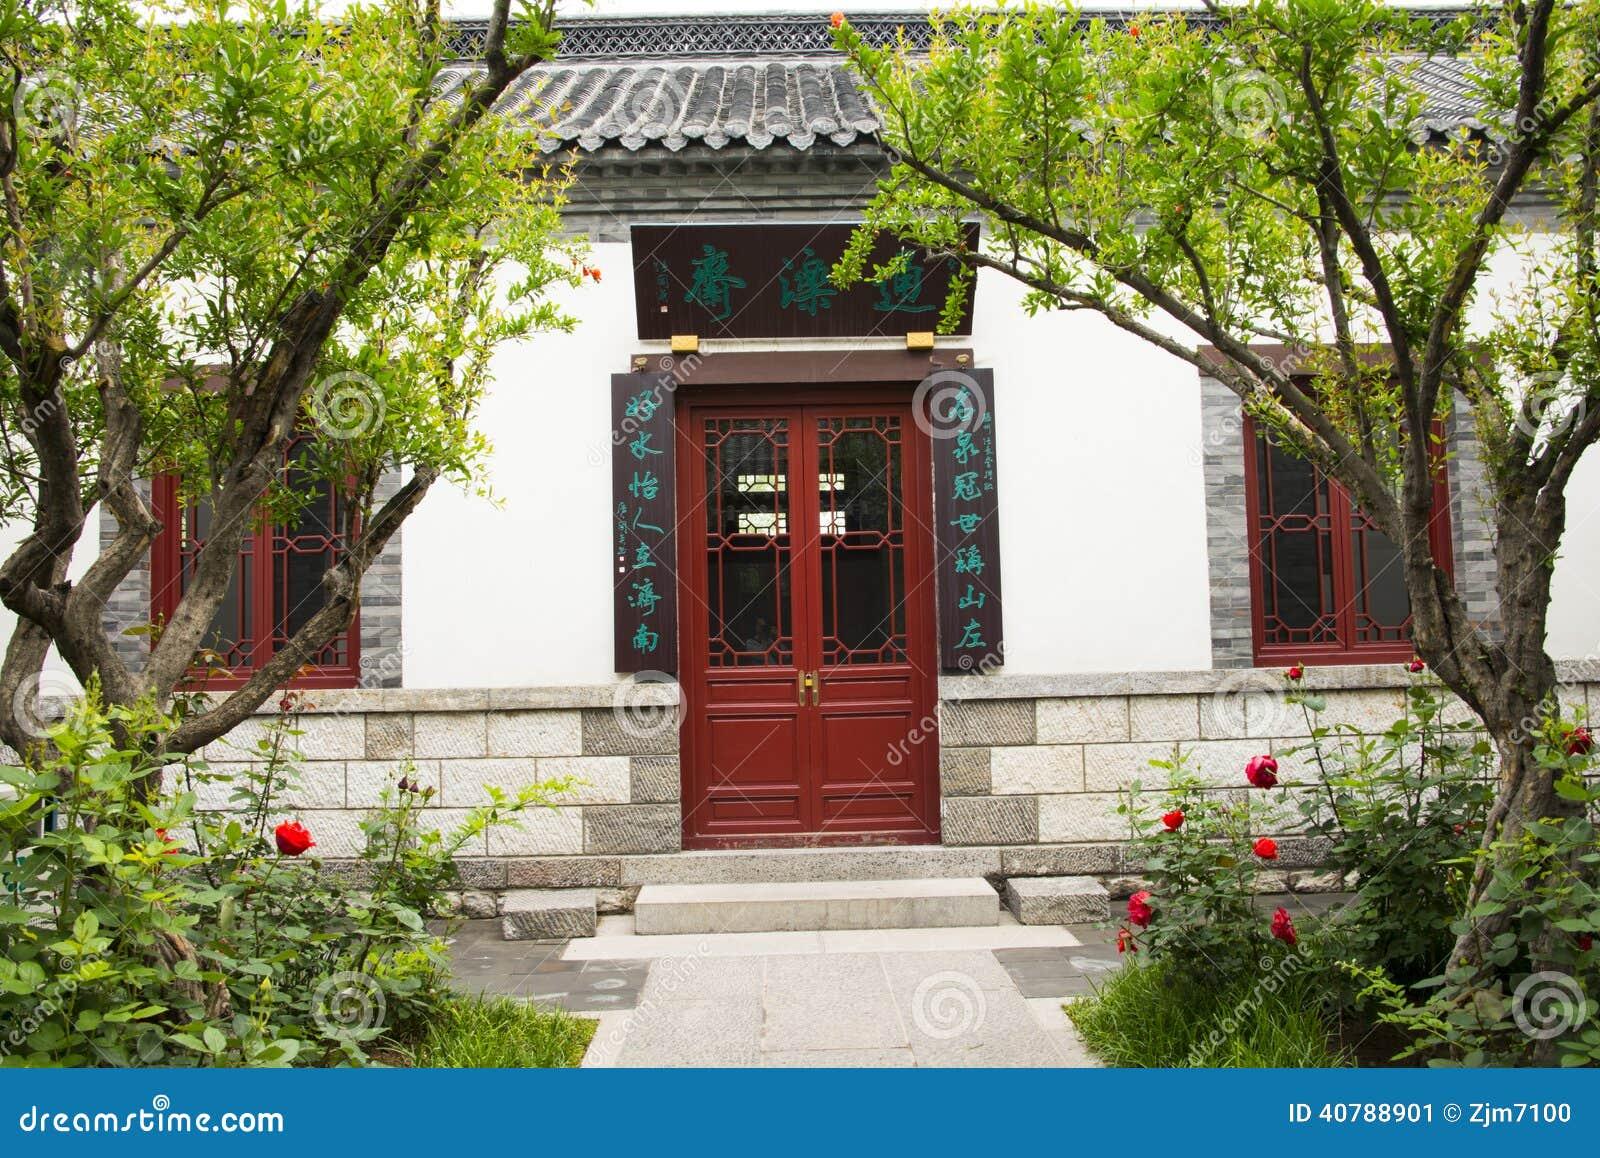 Asiatico cina costruzioni antiche cortili porte rosse e for Finestre bianche